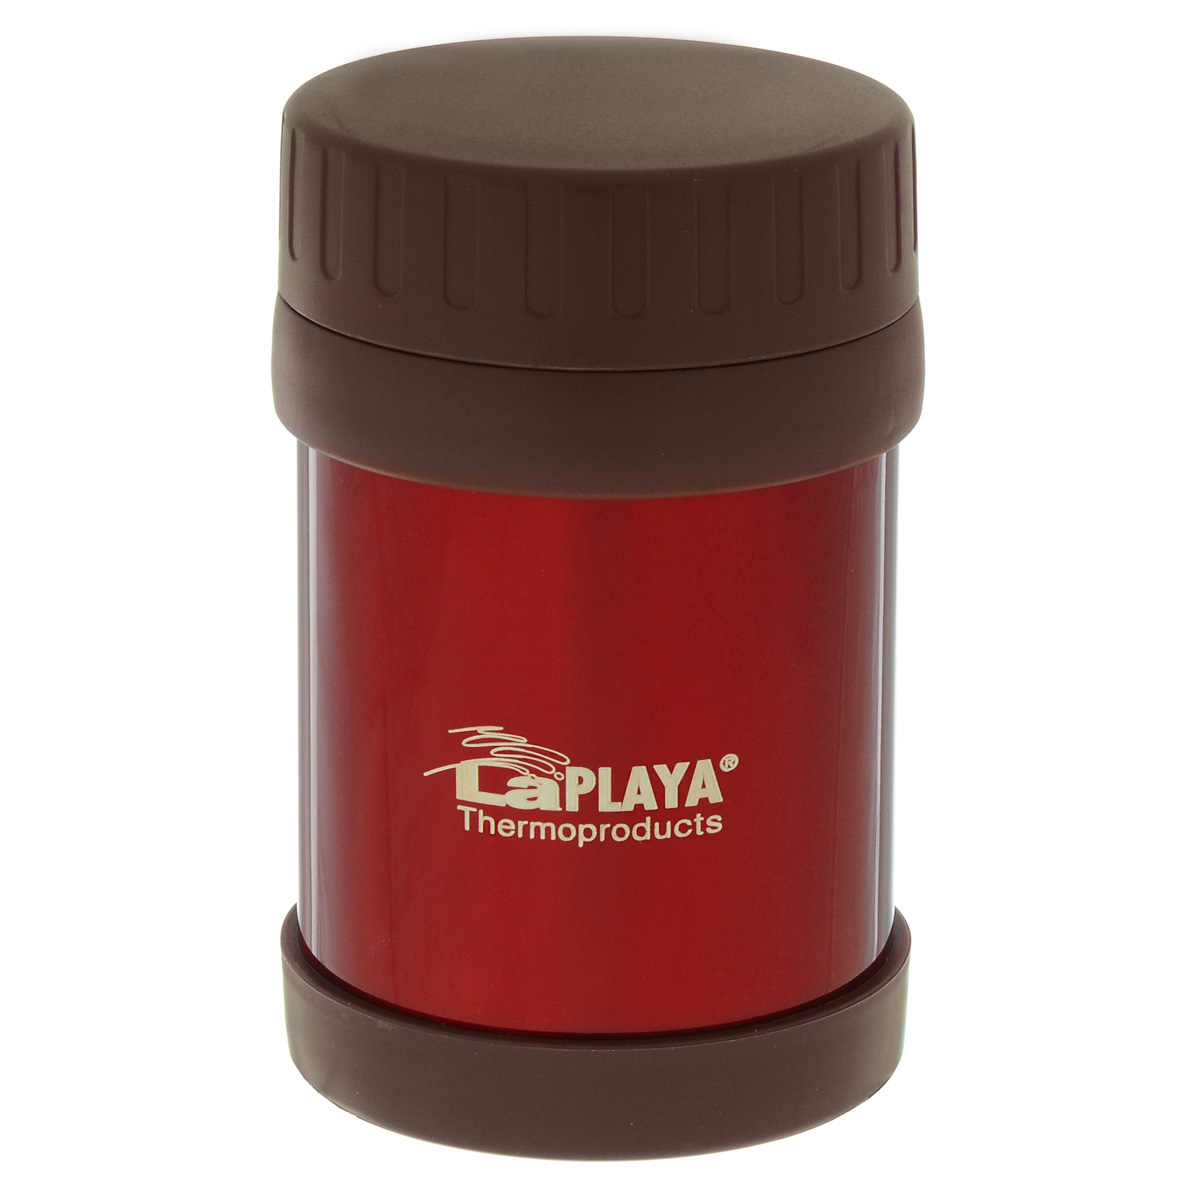 Термос для еды LaPlaya Food Container, цвет: красный, 350 мл115610Корпус термоса LaPlaya Food Container изготовлен из высококачественной нержавеющей стали с двумя стенками. Термос оснащен крышкой, благодаря которой сохраняется абсолютная герметичность. Изделие имеет большое горлышко, поэтому идеально подходит для салатов, закусок, первых и вторых блюд.Такой термос удобен в использовании и станет полезным подарком. Диаметр (по верхнему краю): 8 см. Диаметр основания: 8,5 см. Высота (с учетом крышки): 13,5 см.